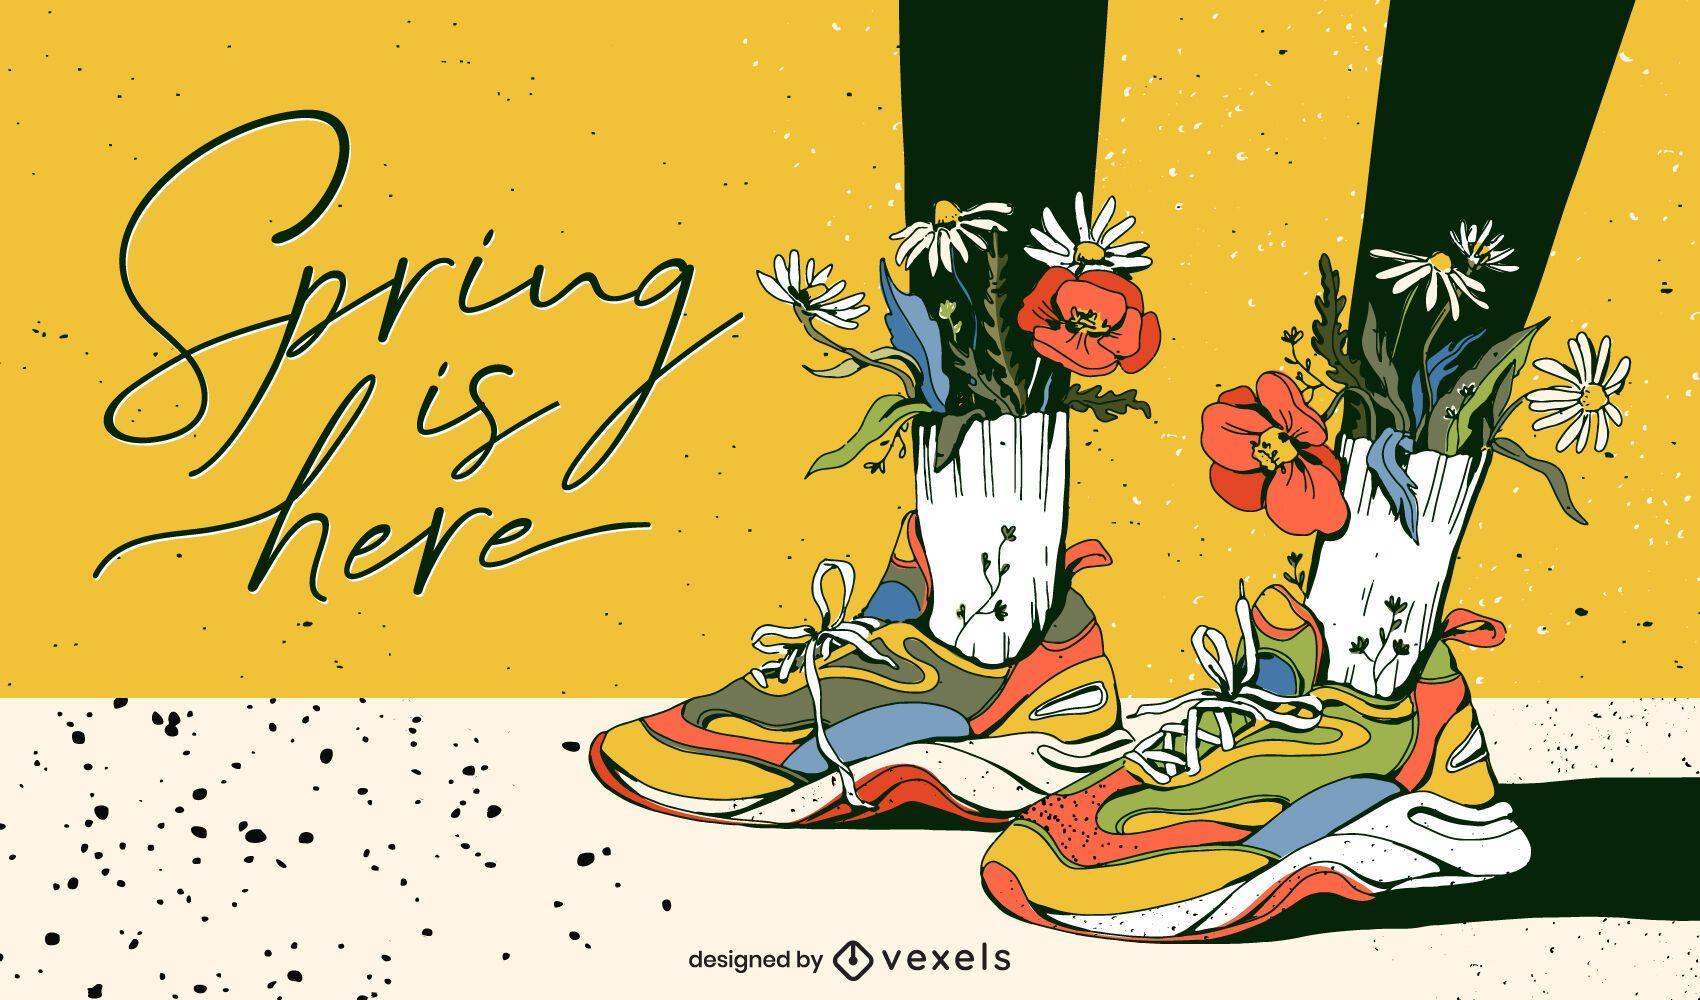 Spring is here illustration design